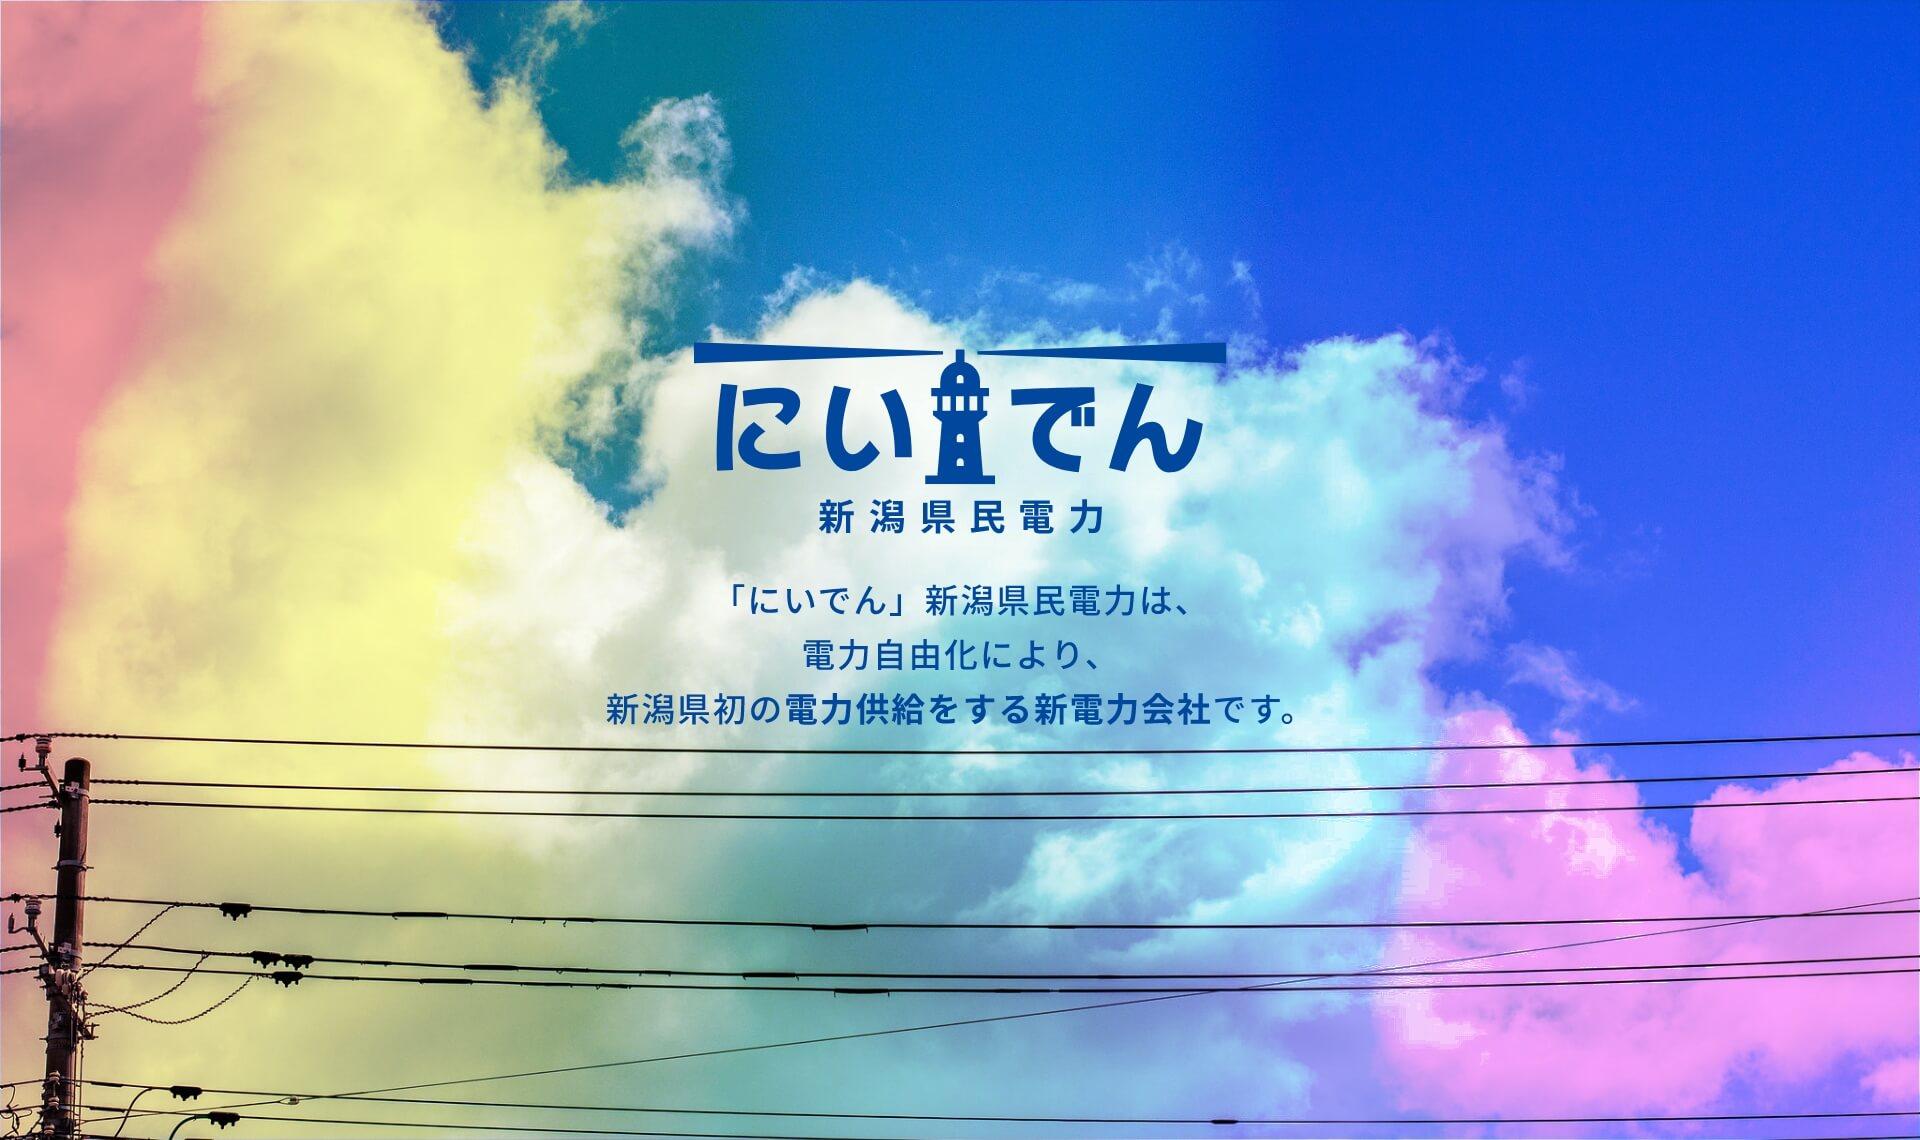 「にいでん」新潟県民電力は、電力自由化により、新潟県初の電力供給をする新電力会社です。